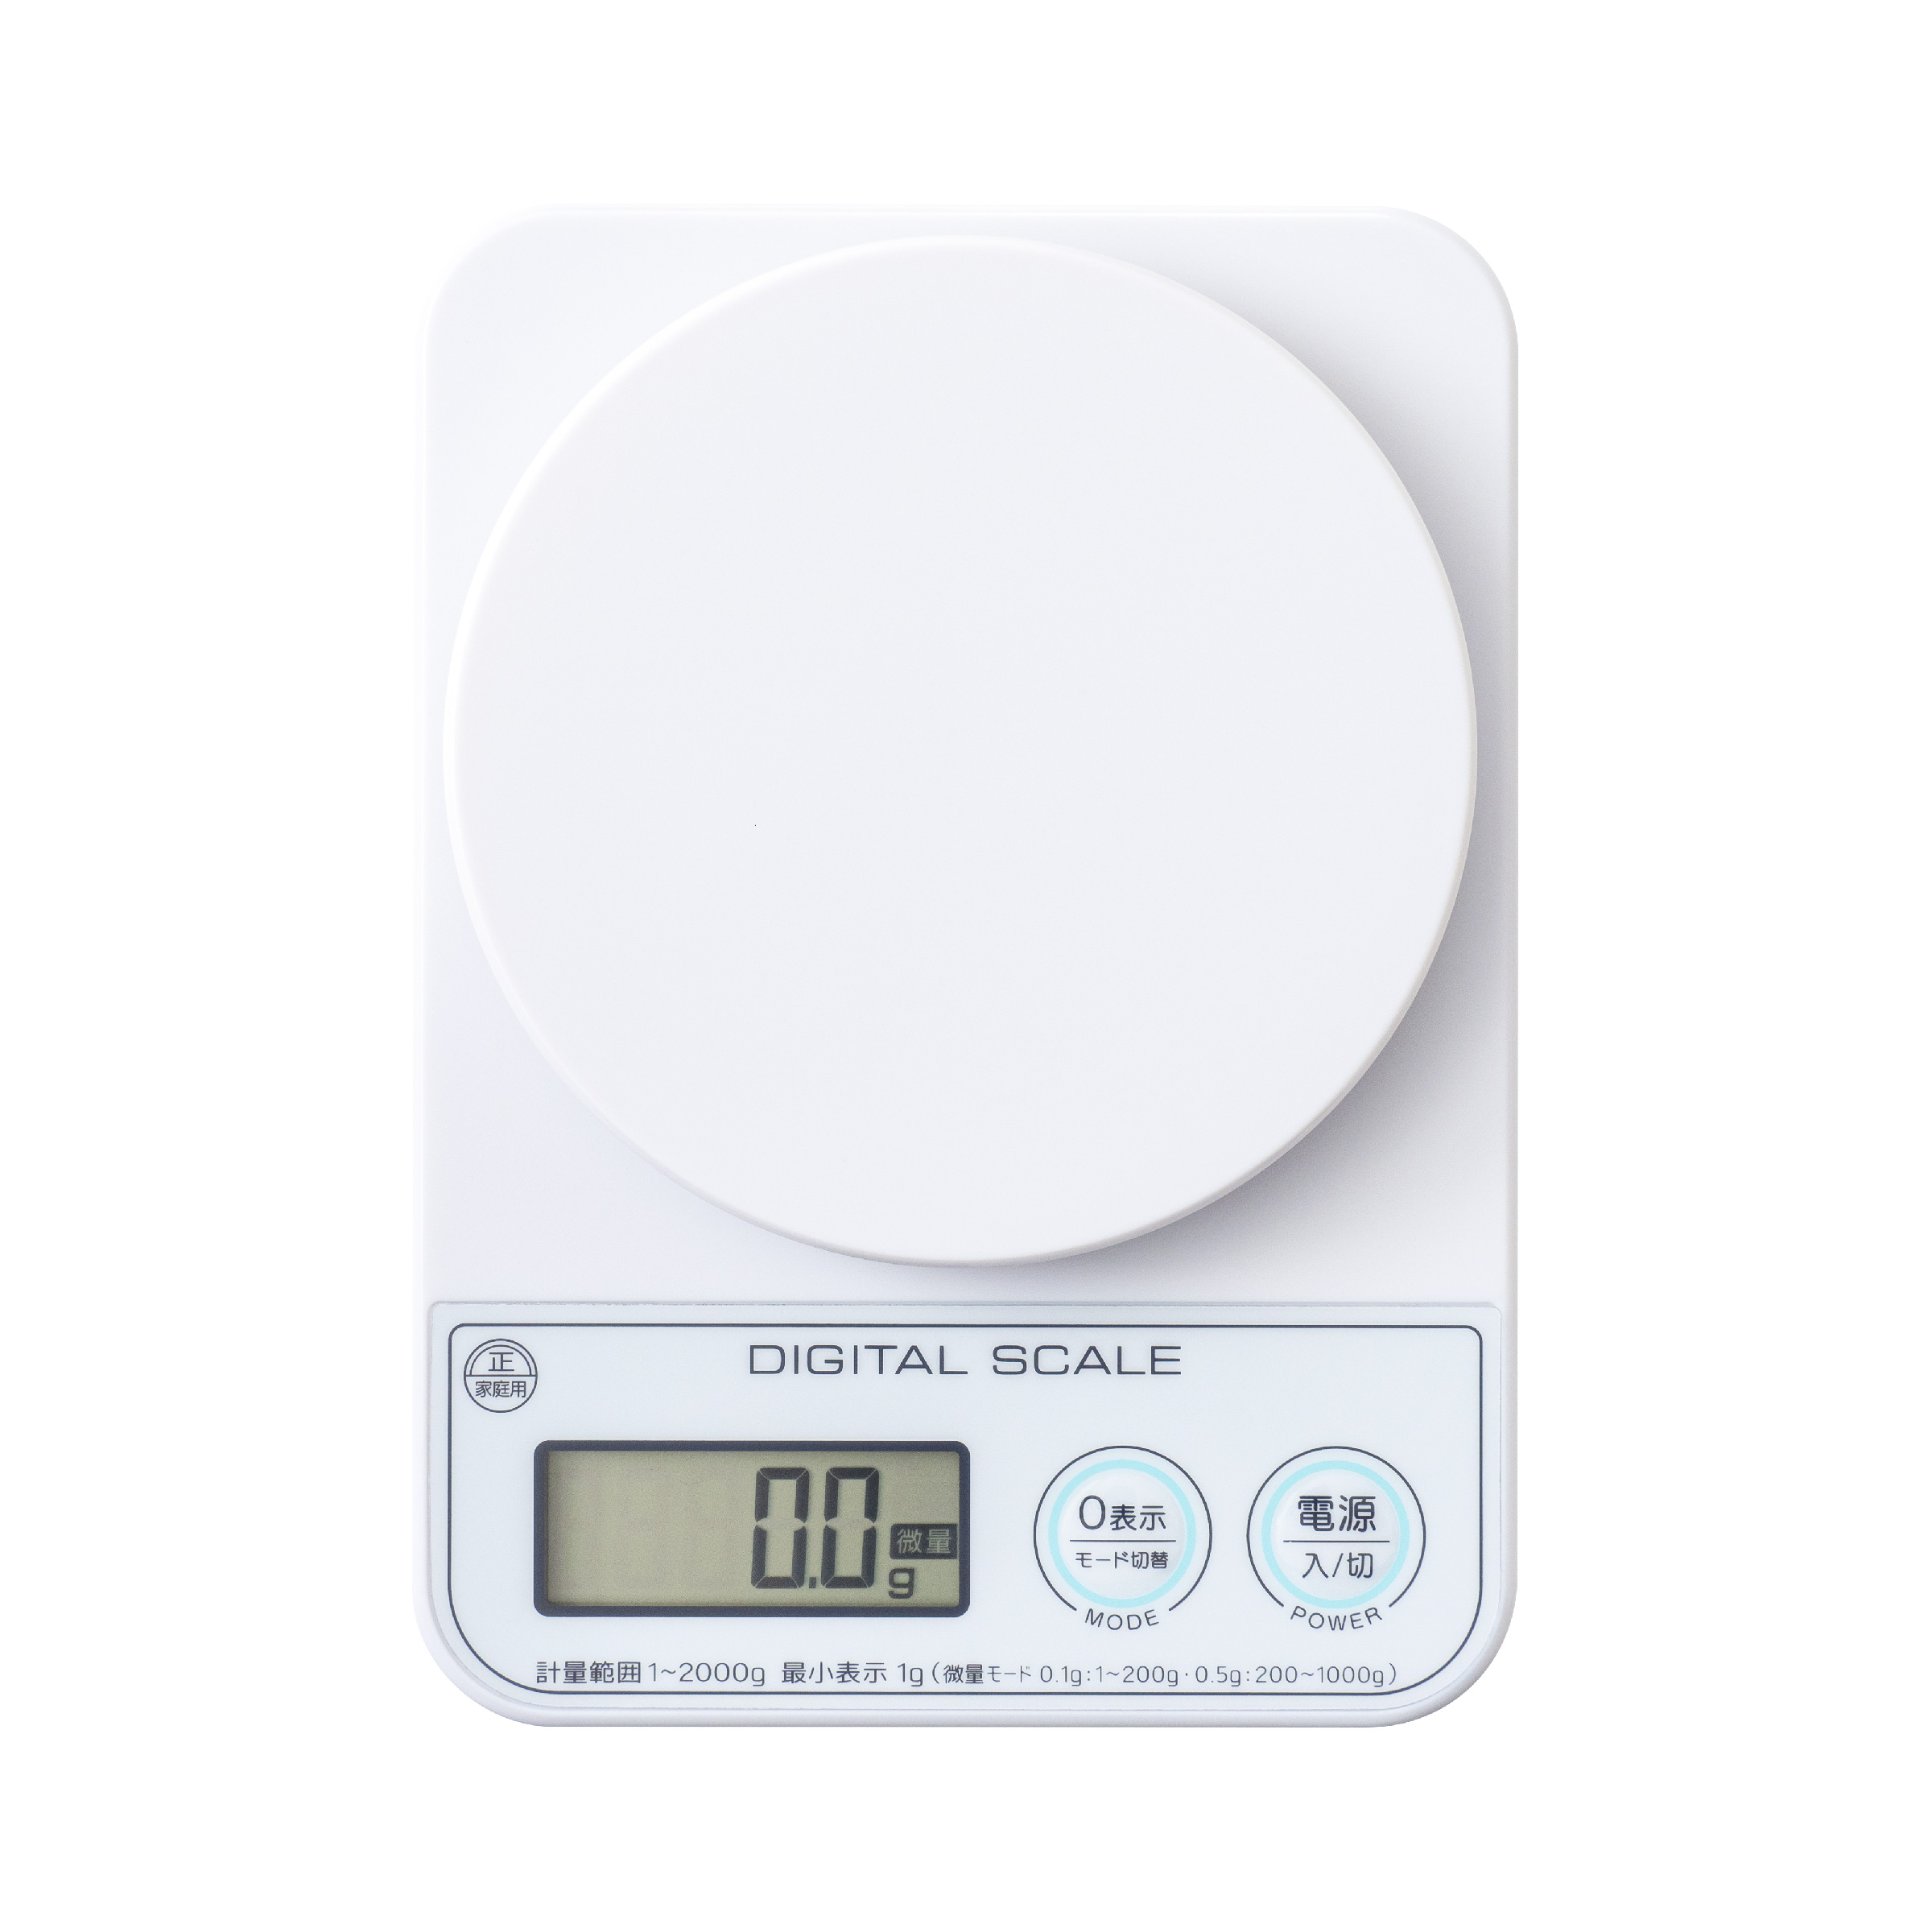 デジタルスケール 2kg image01